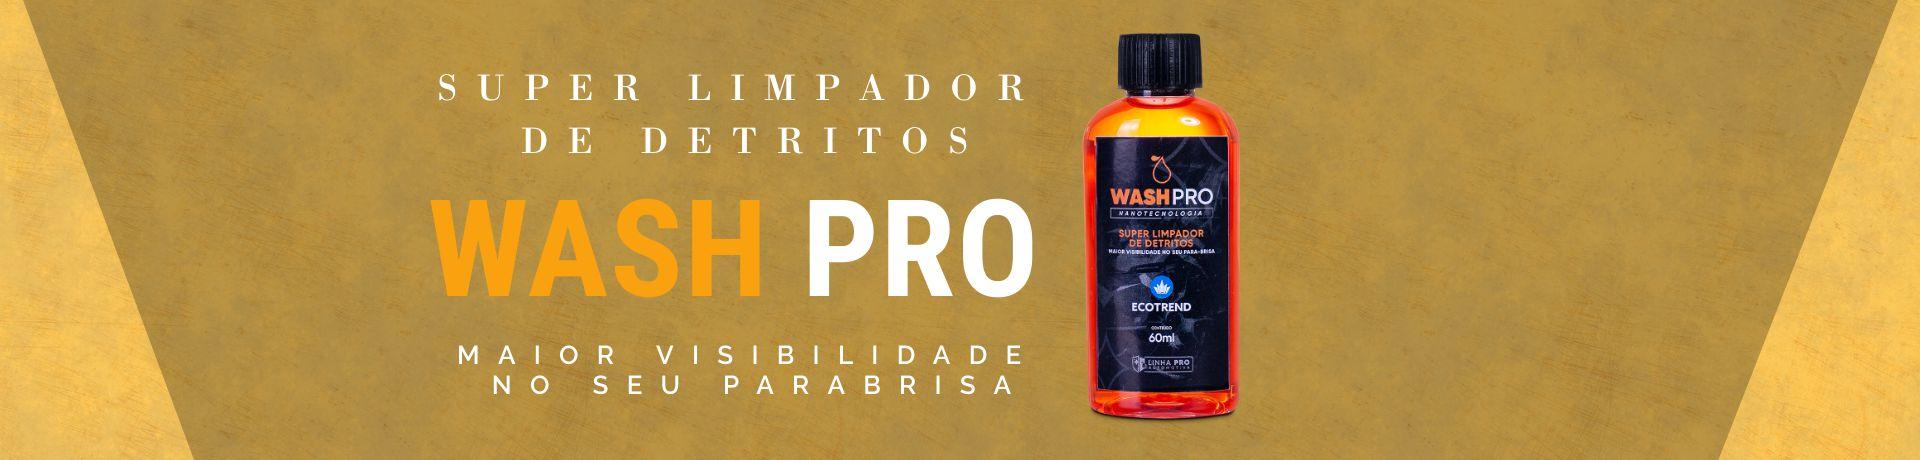 Wash Pro